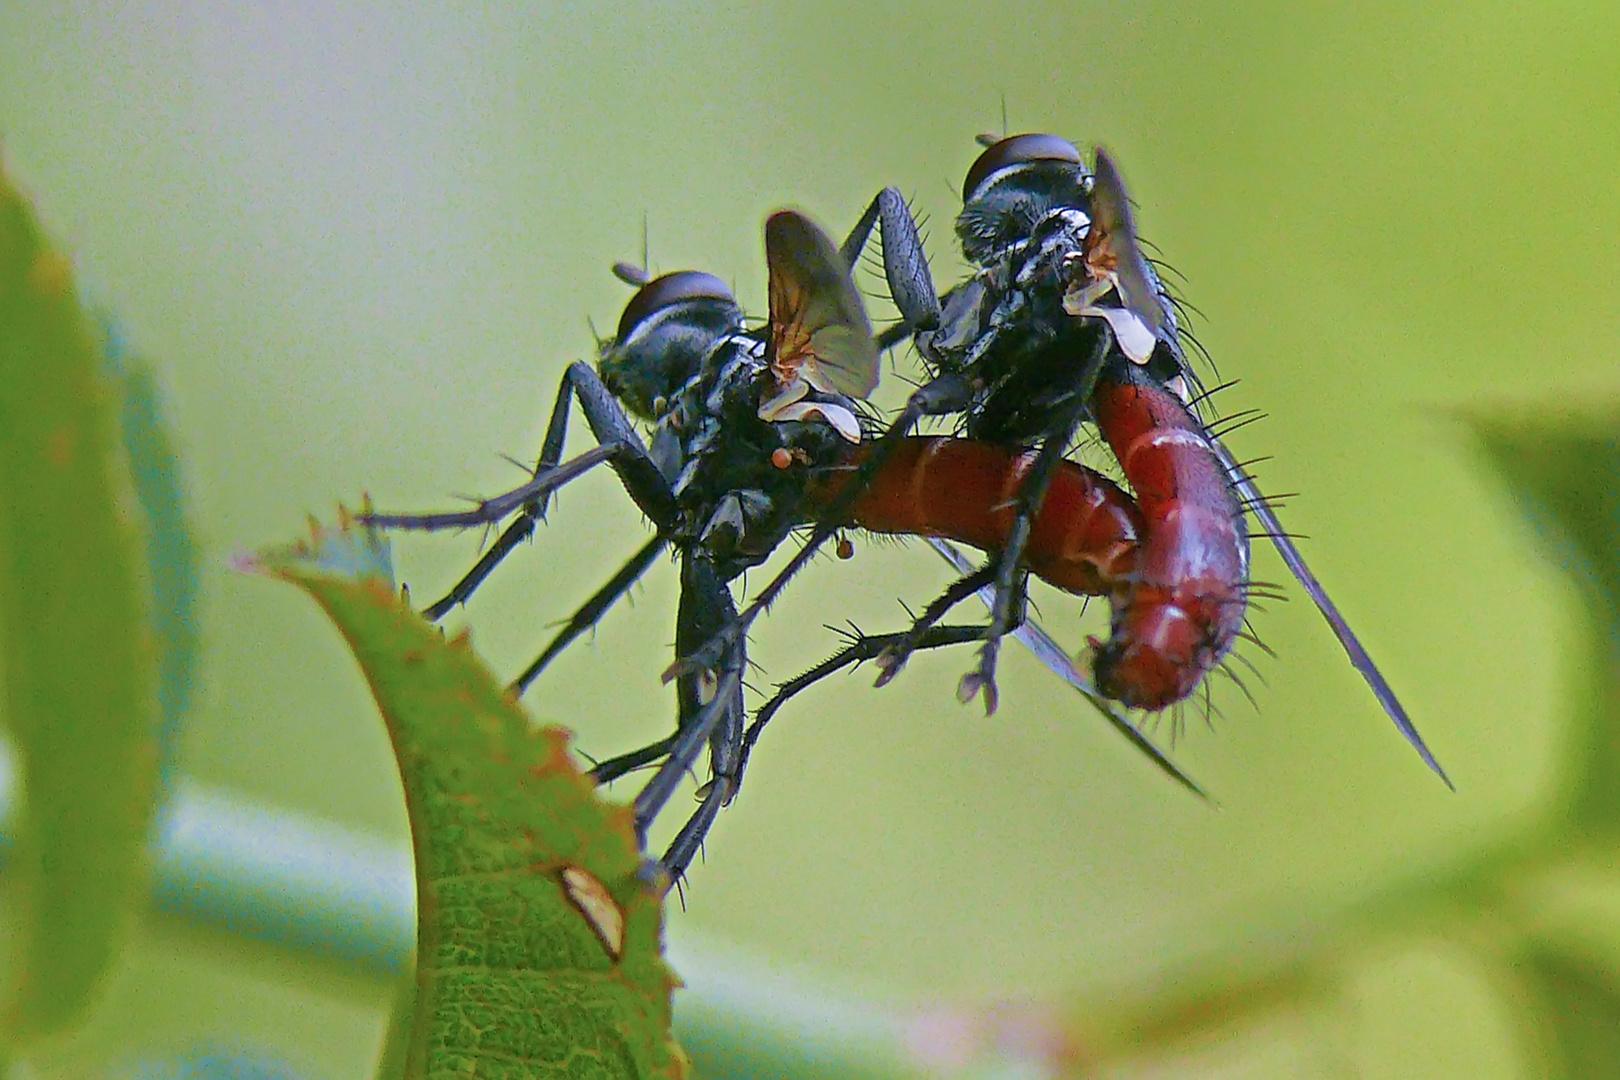 Paarung der Raupenfliege